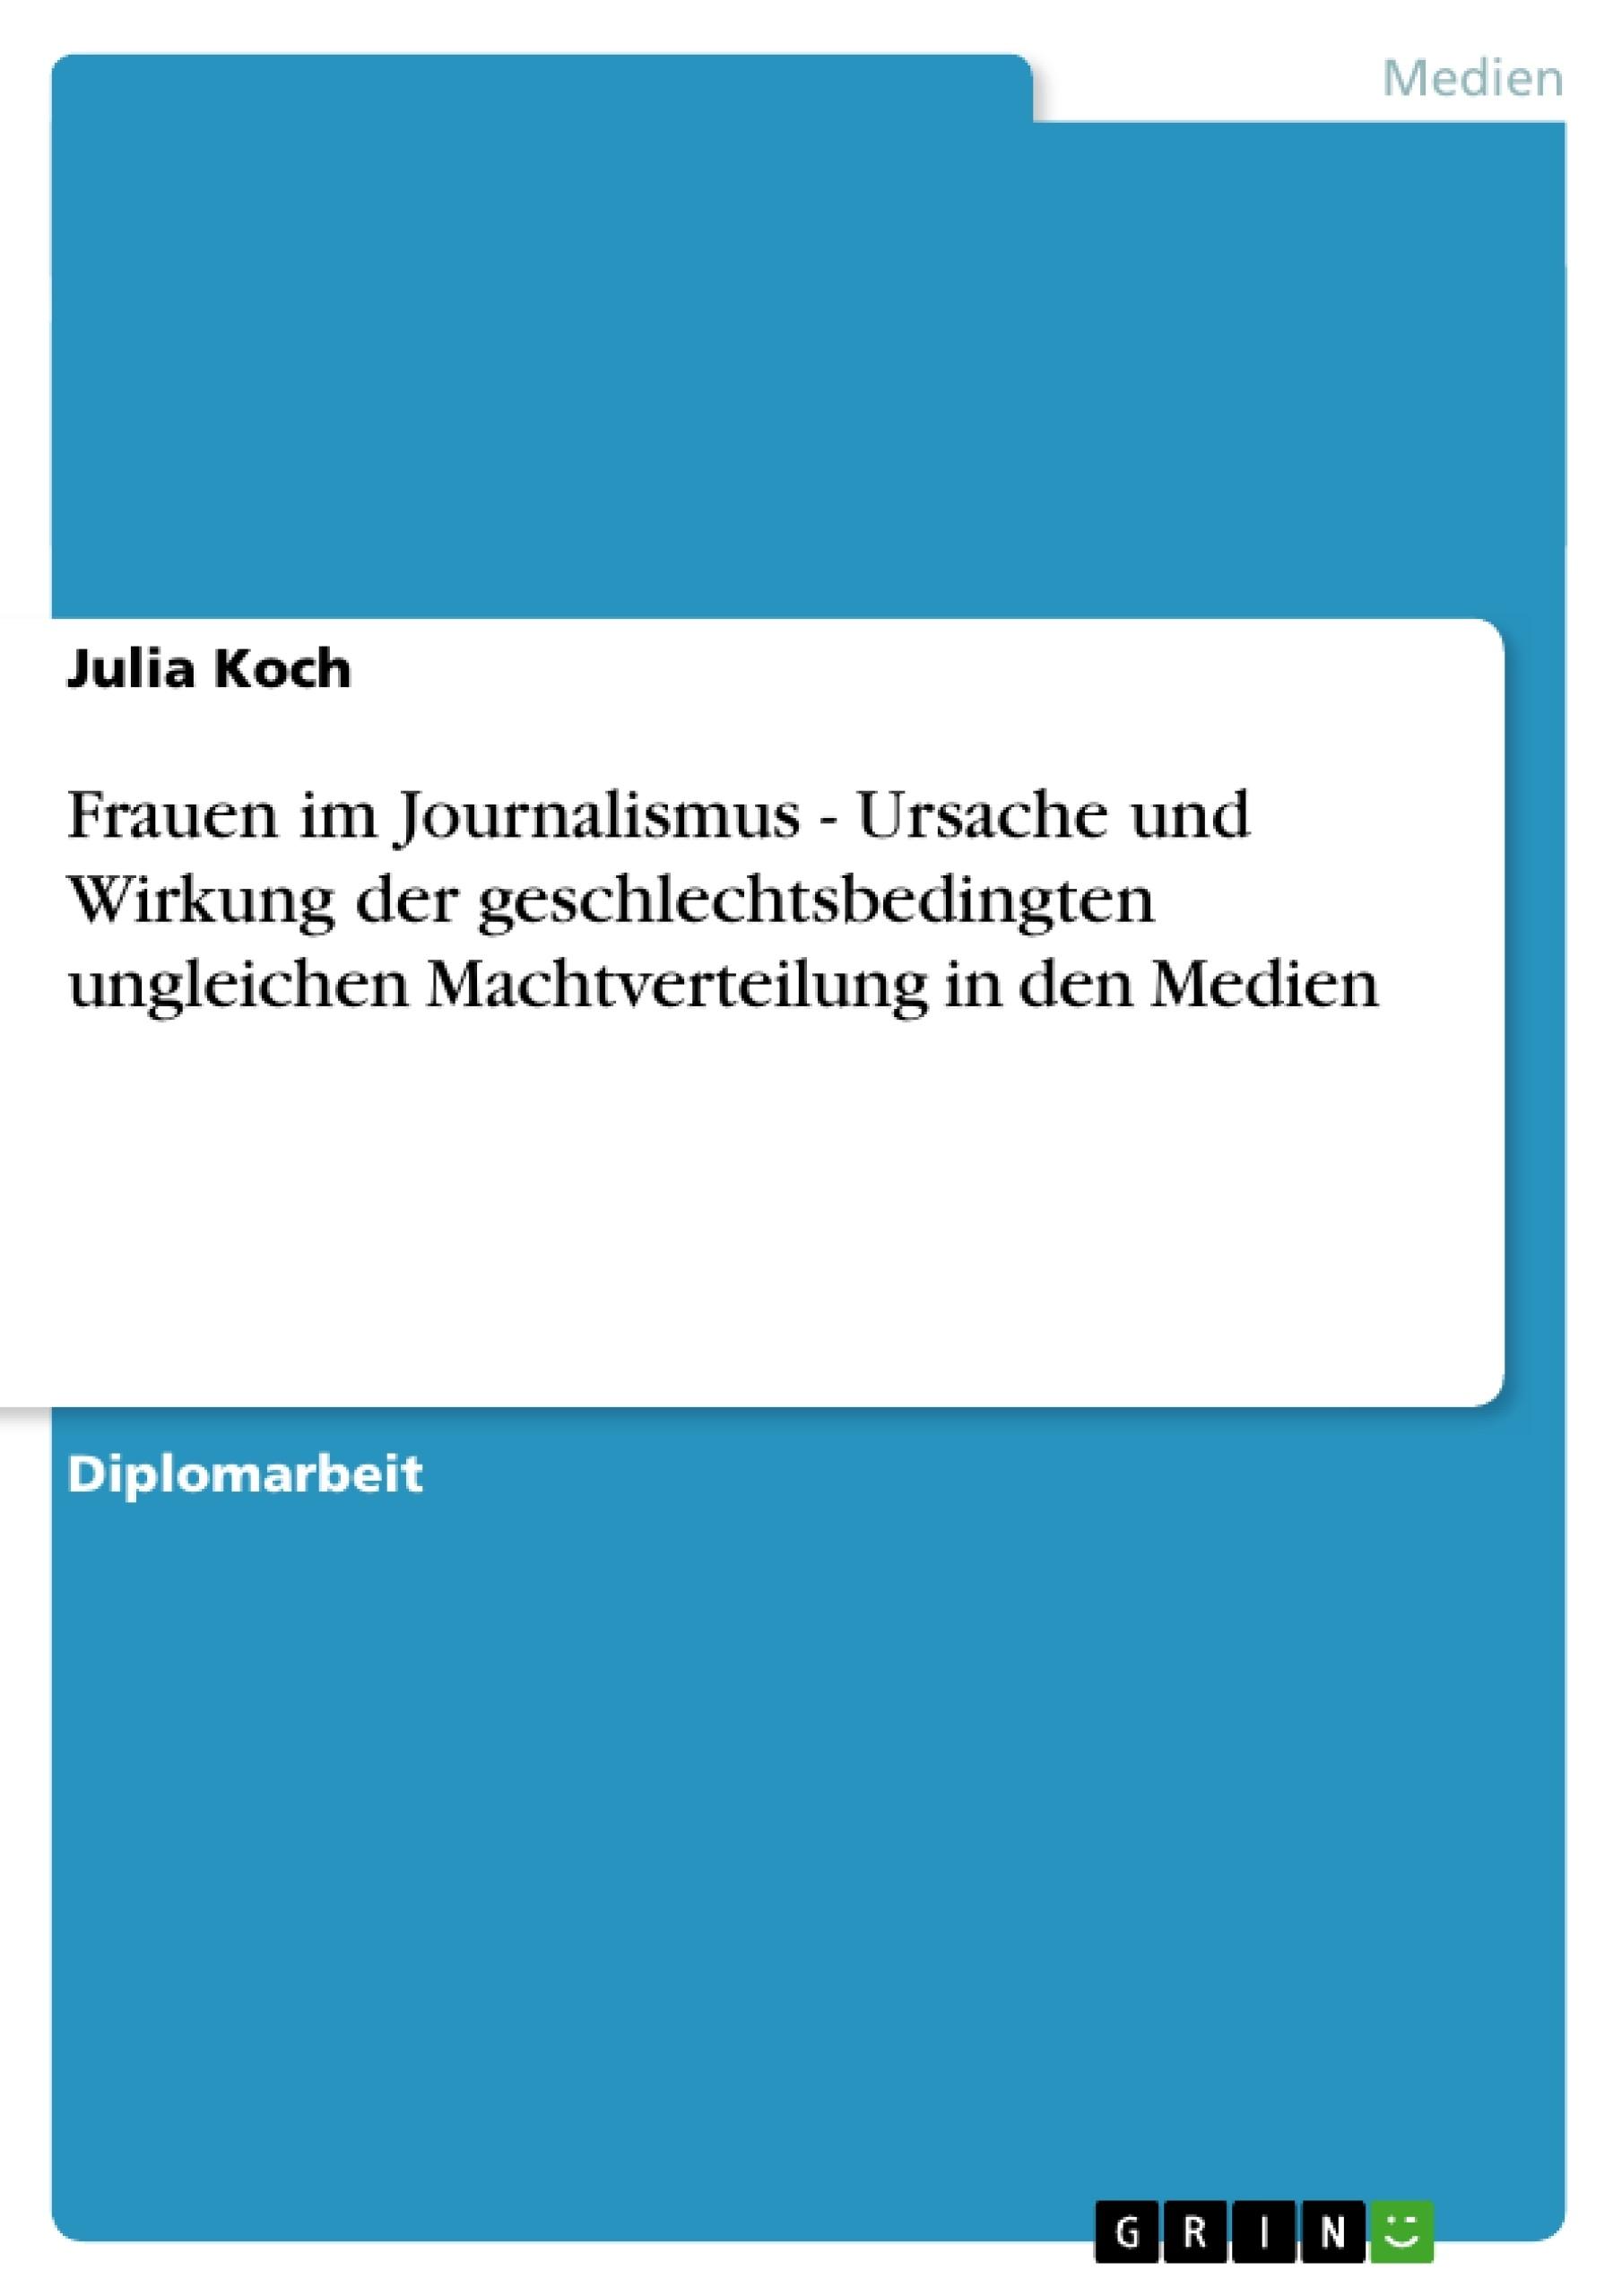 Titel: Frauen im Journalismus - Ursache und Wirkung der geschlechtsbedingten ungleichen Machtverteilung in den Medien